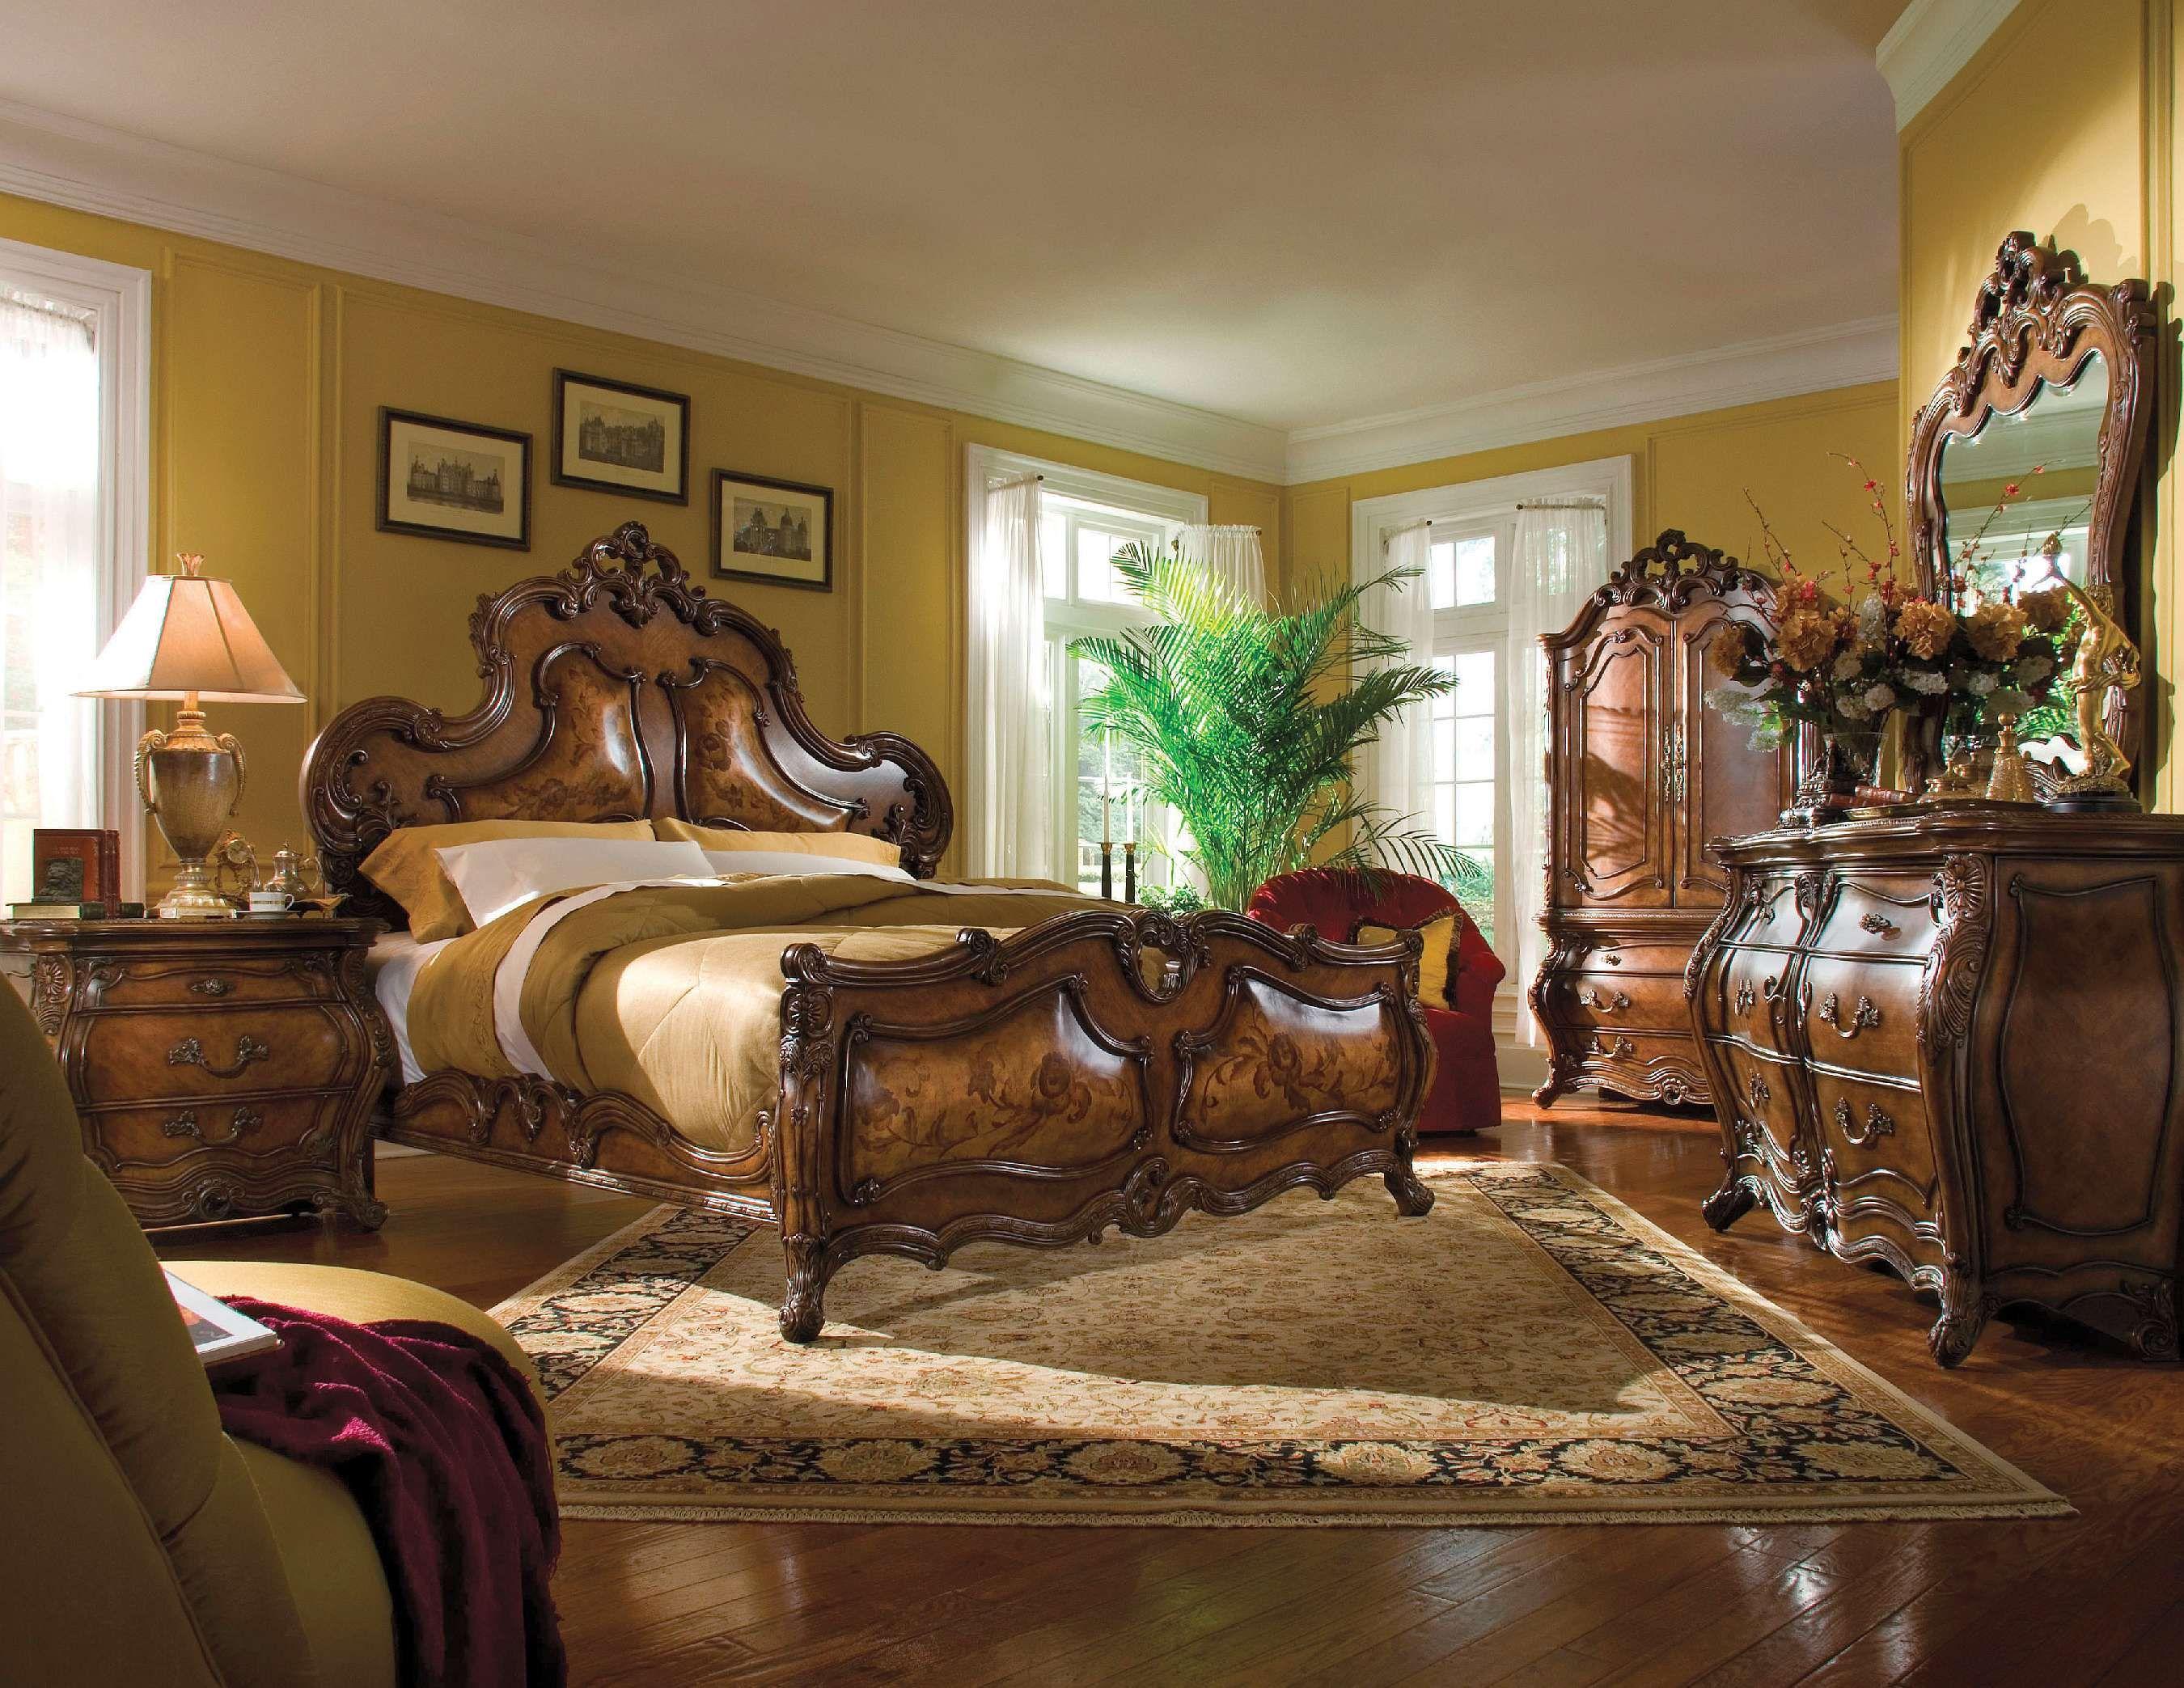 Lion King Bed Sets